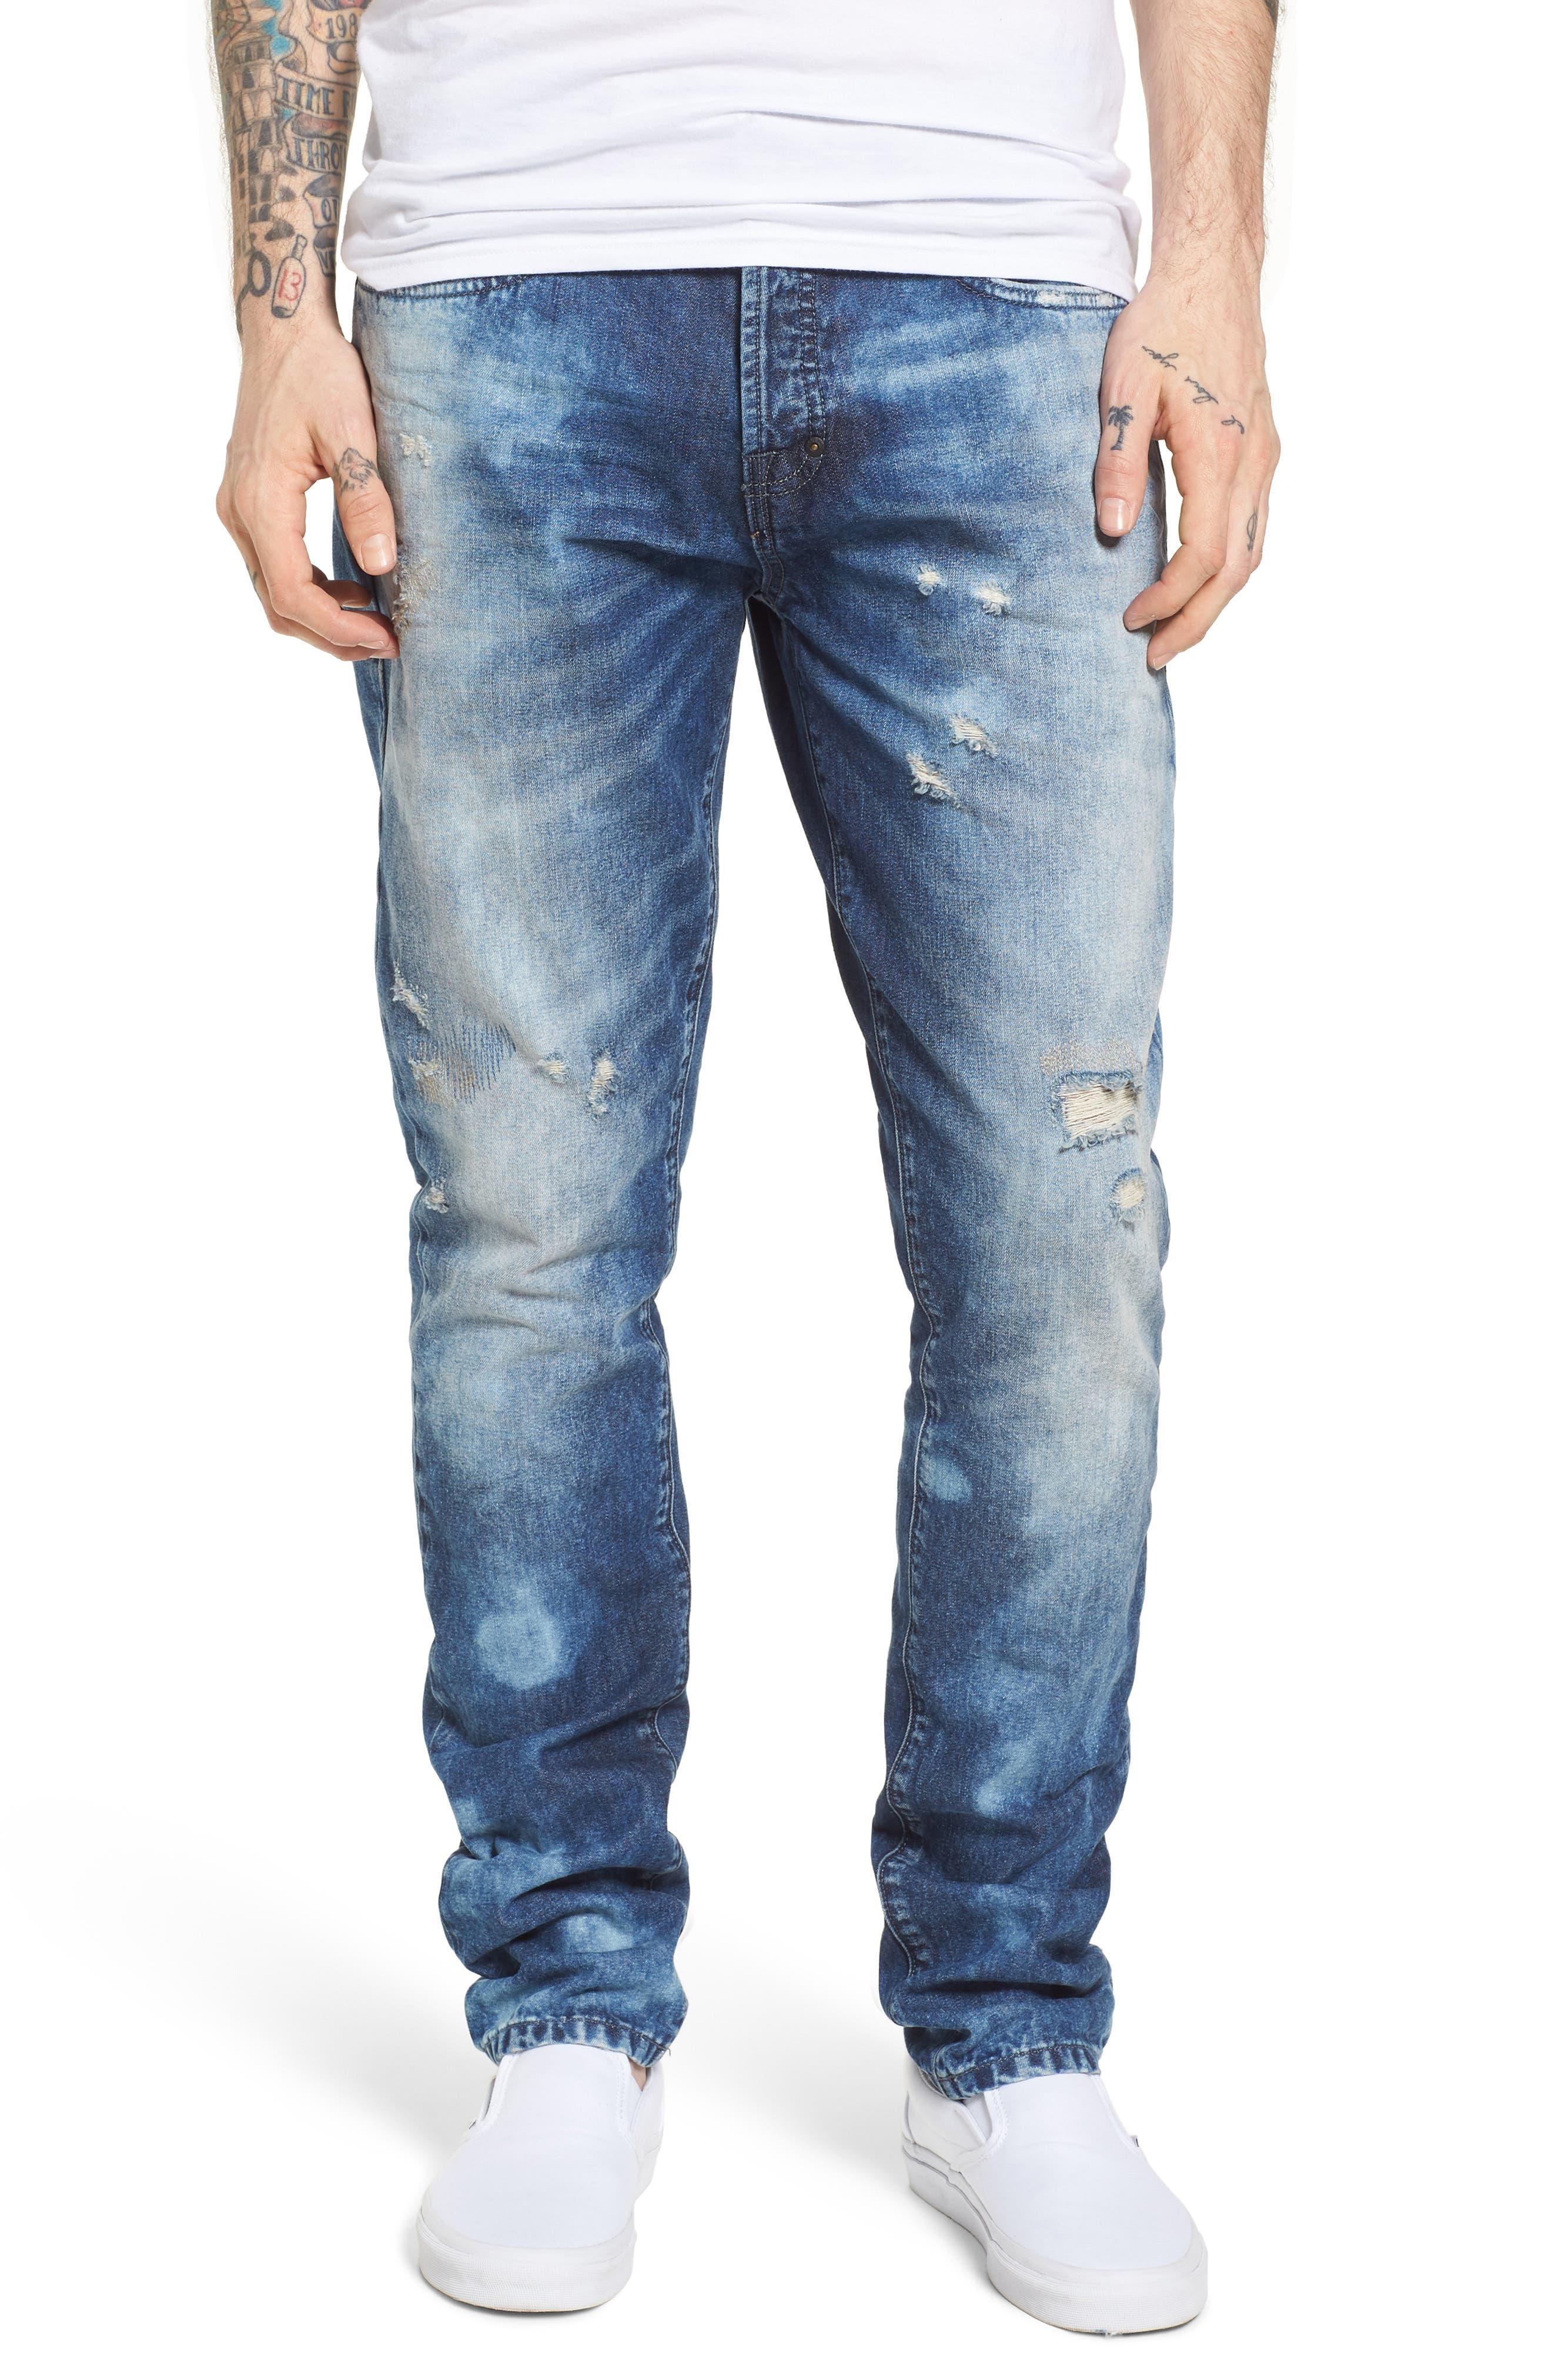 Le Sabre Slim Fit Jeans,                             Main thumbnail 1, color,                             Litany